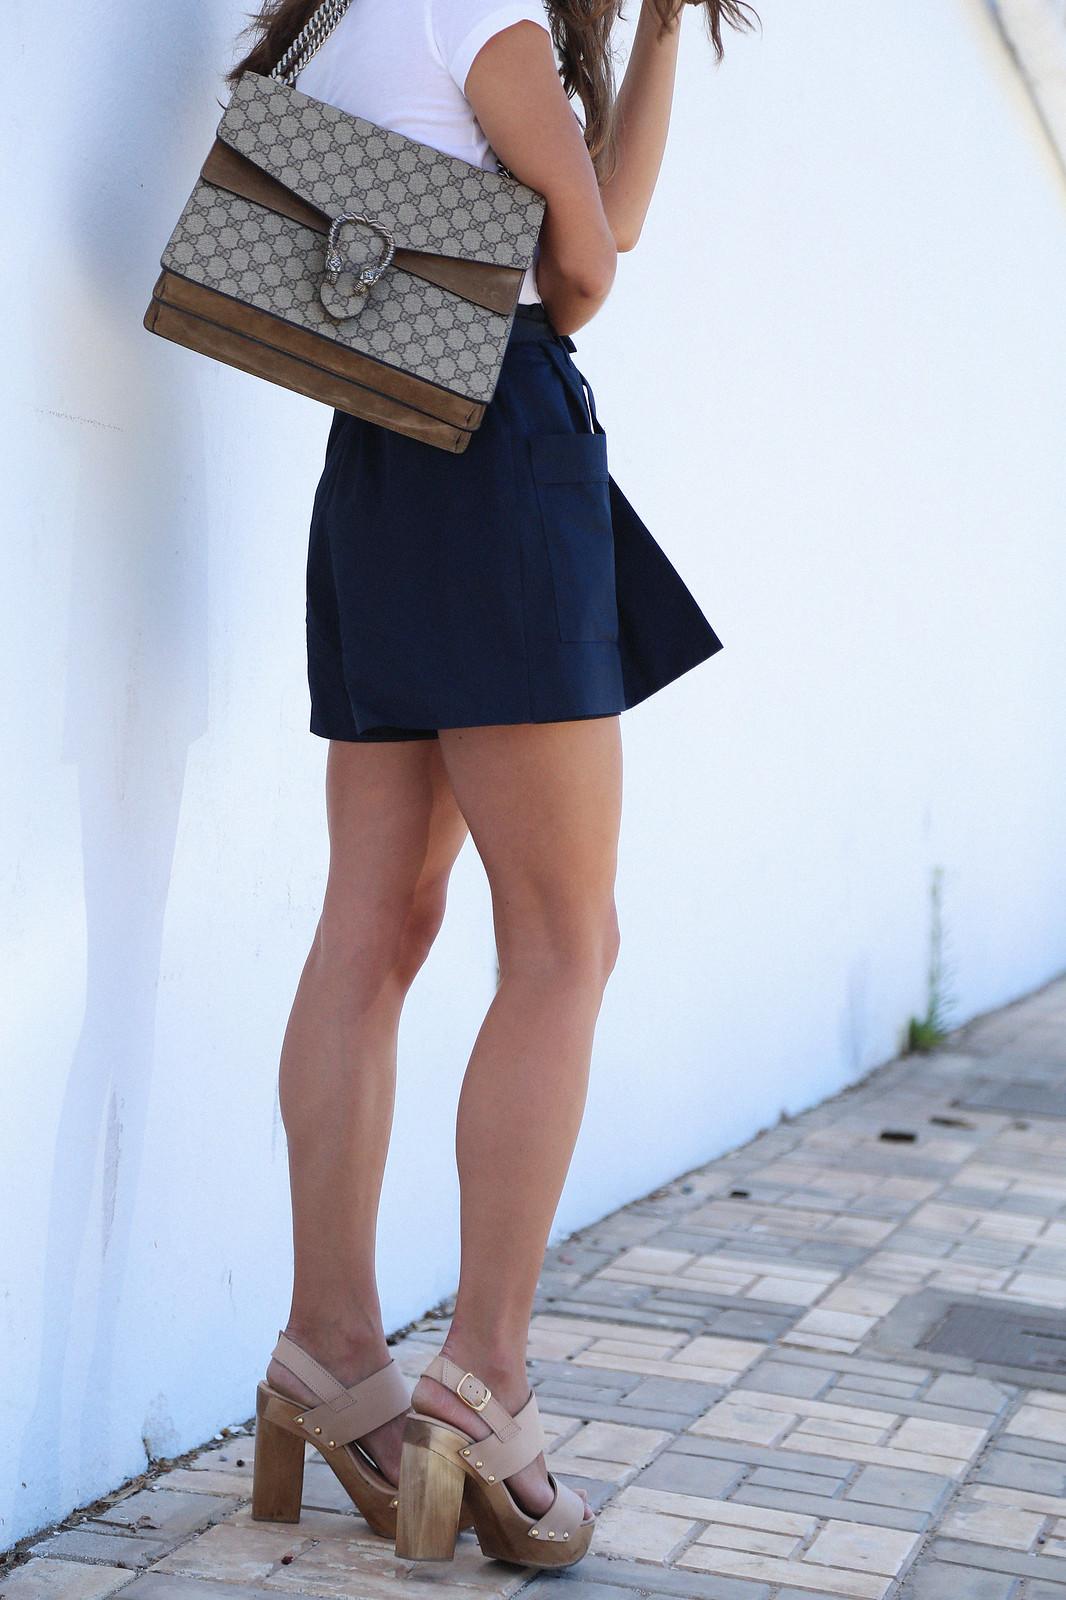 jessie chanes seams for a desire blue skort white tshirt wooden wedges sandals-10